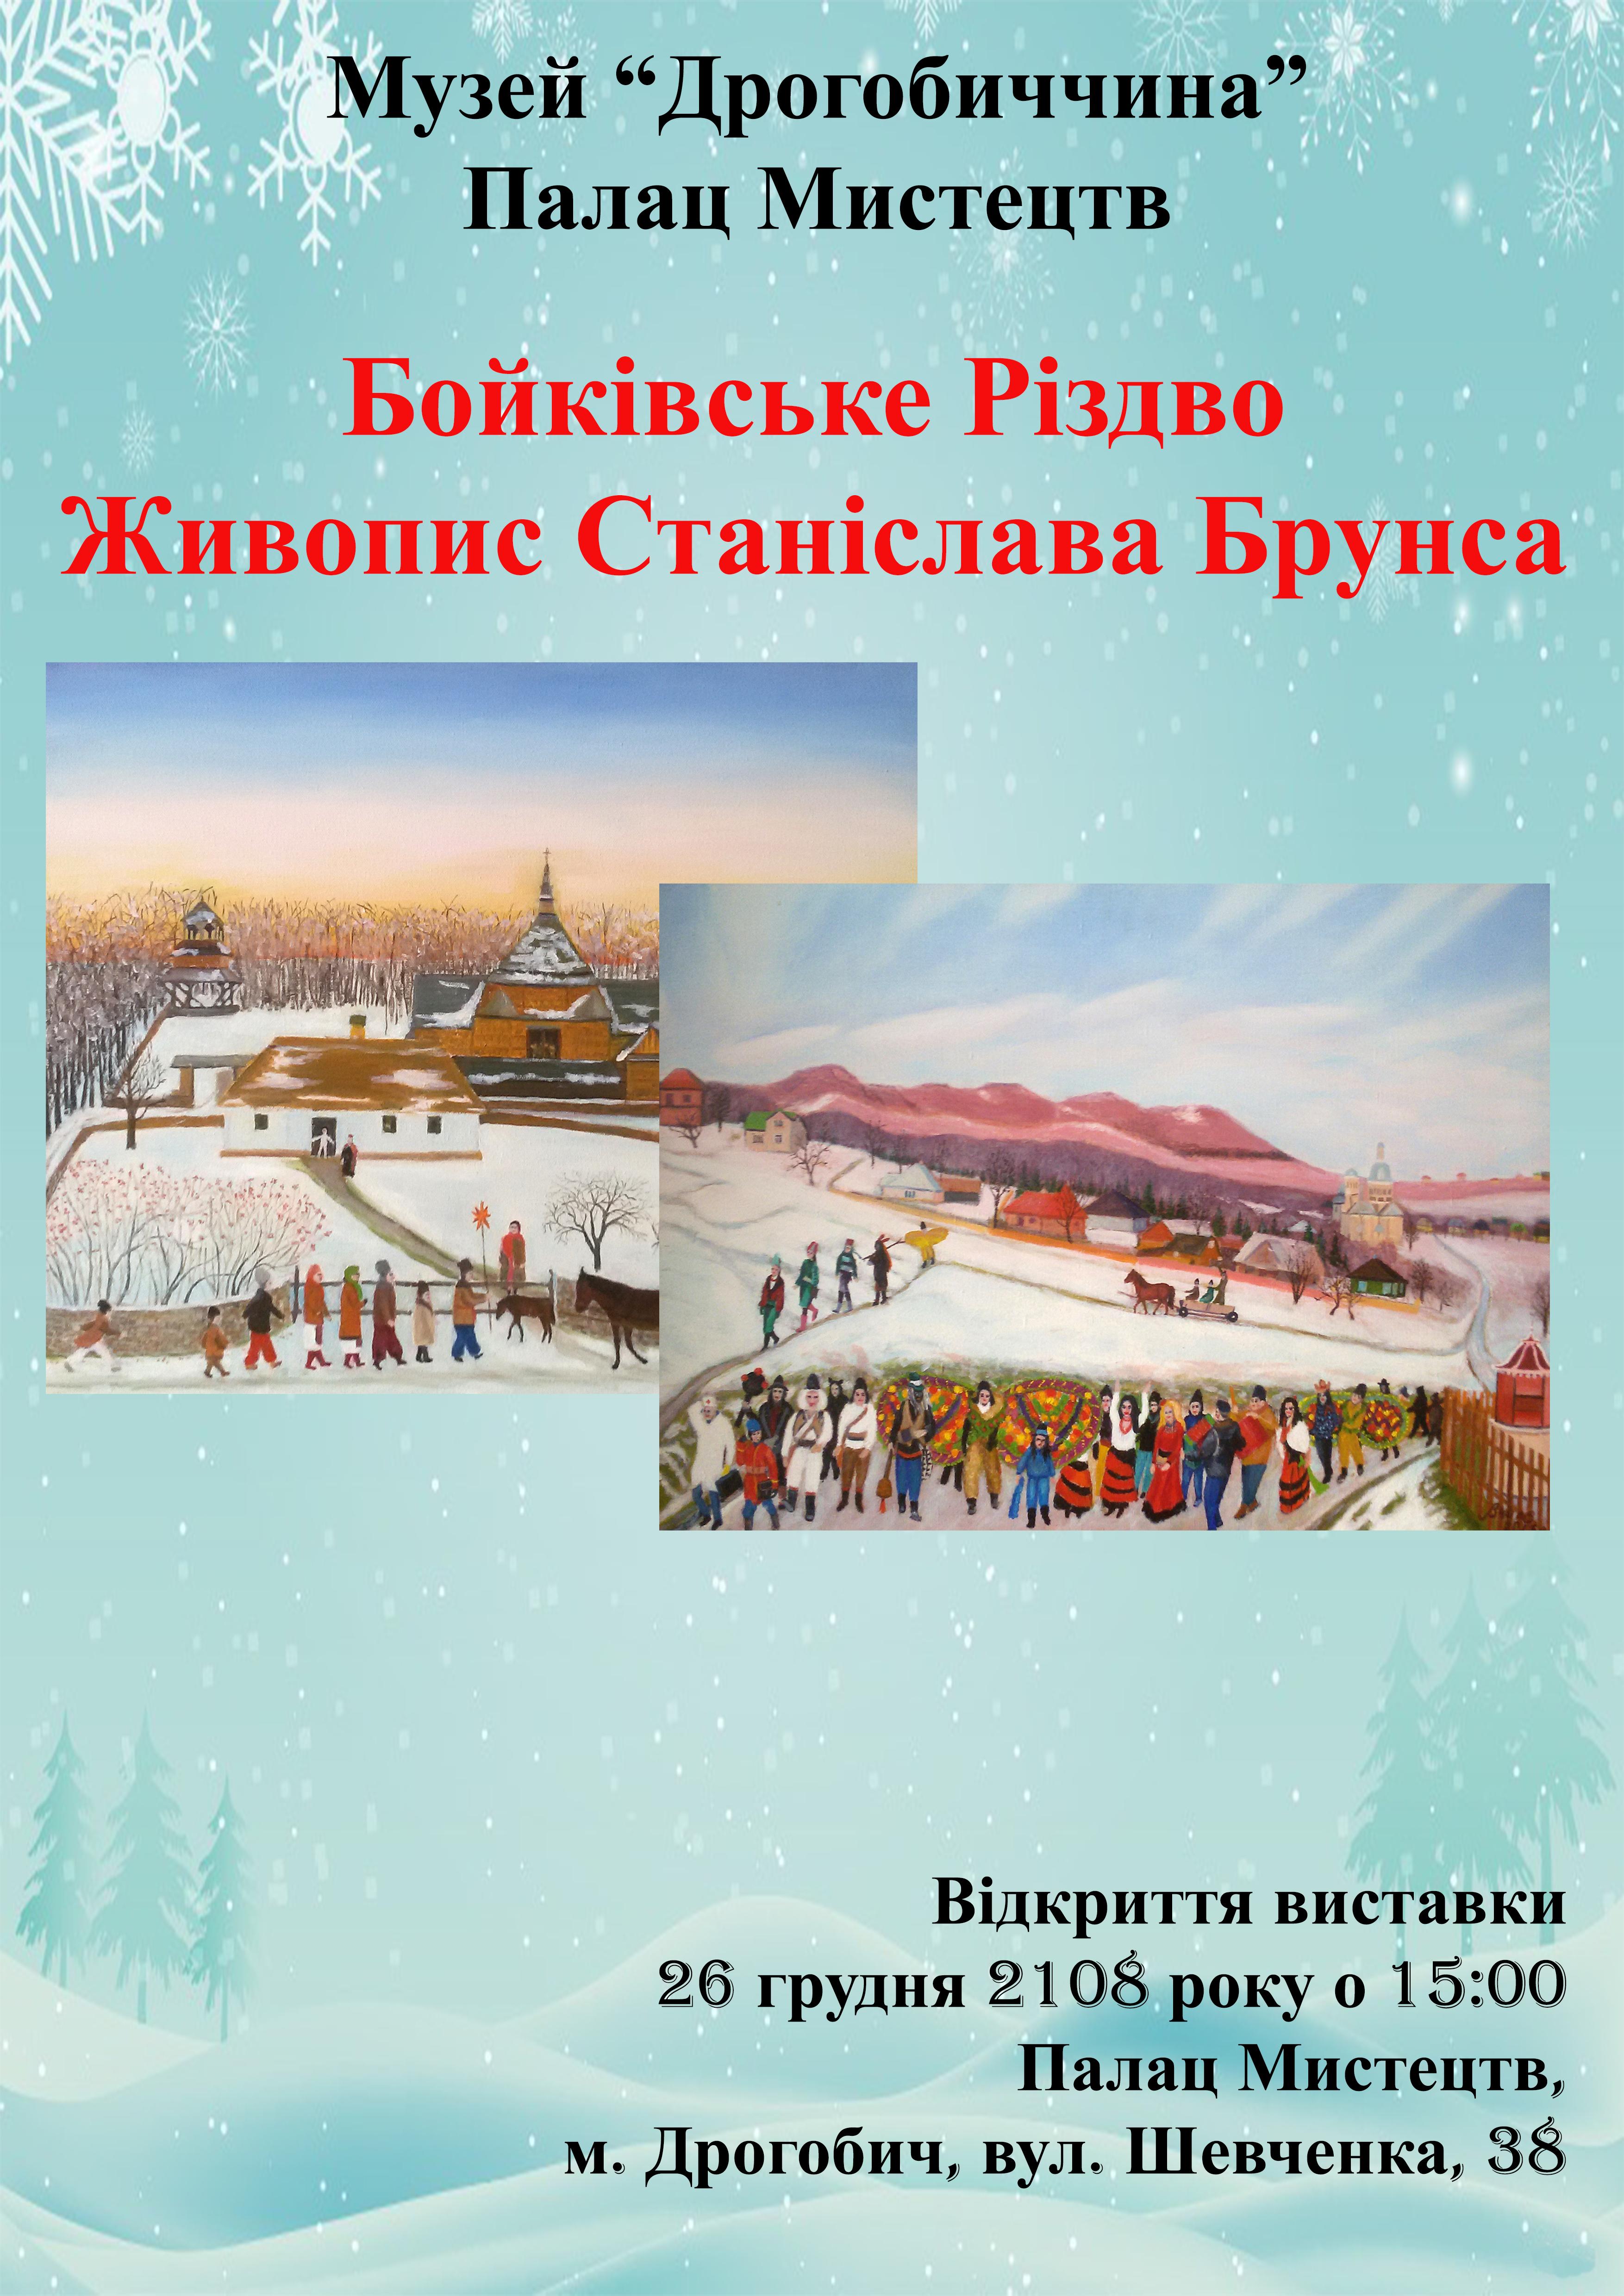 АНОНС. 26 грудня дрогобичан та гостей міста запрошують на відкриття виставки живопису «Бойківське Різдво»